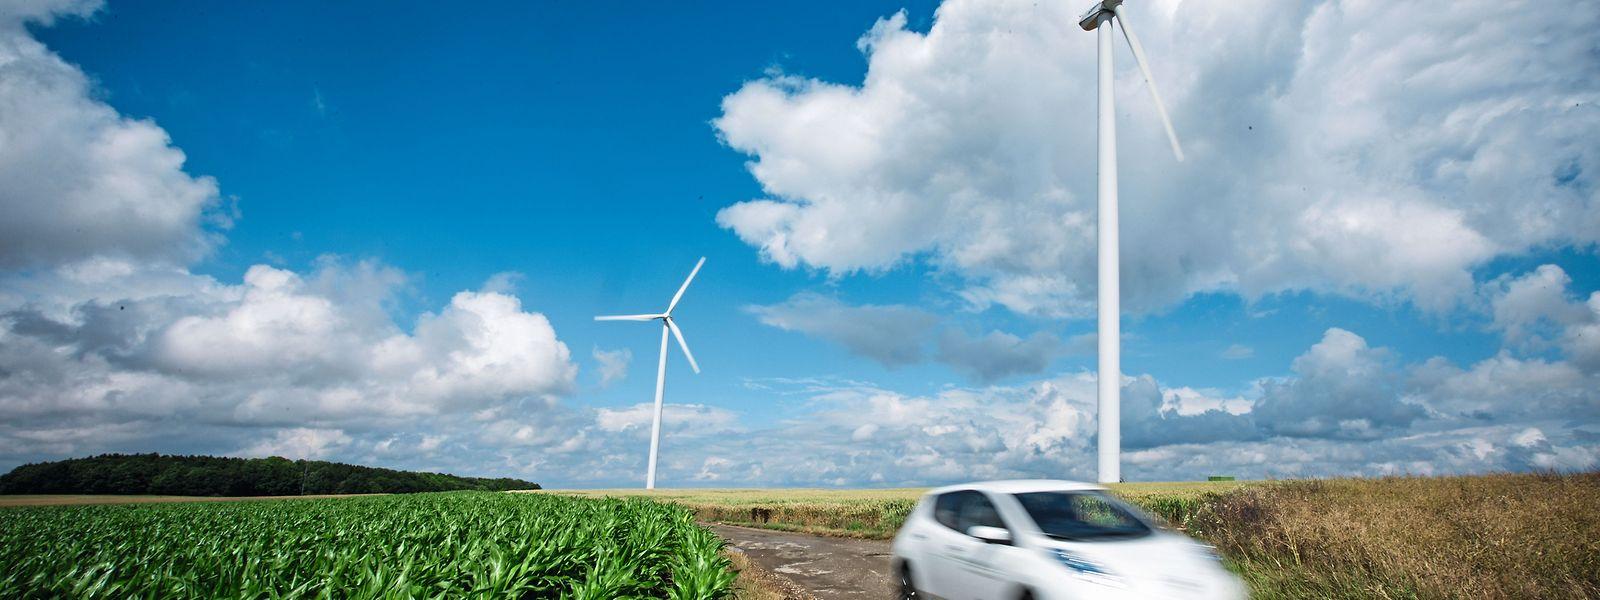 Der für das Elektroauto benutzte Strom sollte aus erneuerbaren Quellen kommen, ansonsten ist der Umweltbeitrag des Fahrzeugs gleich Null.